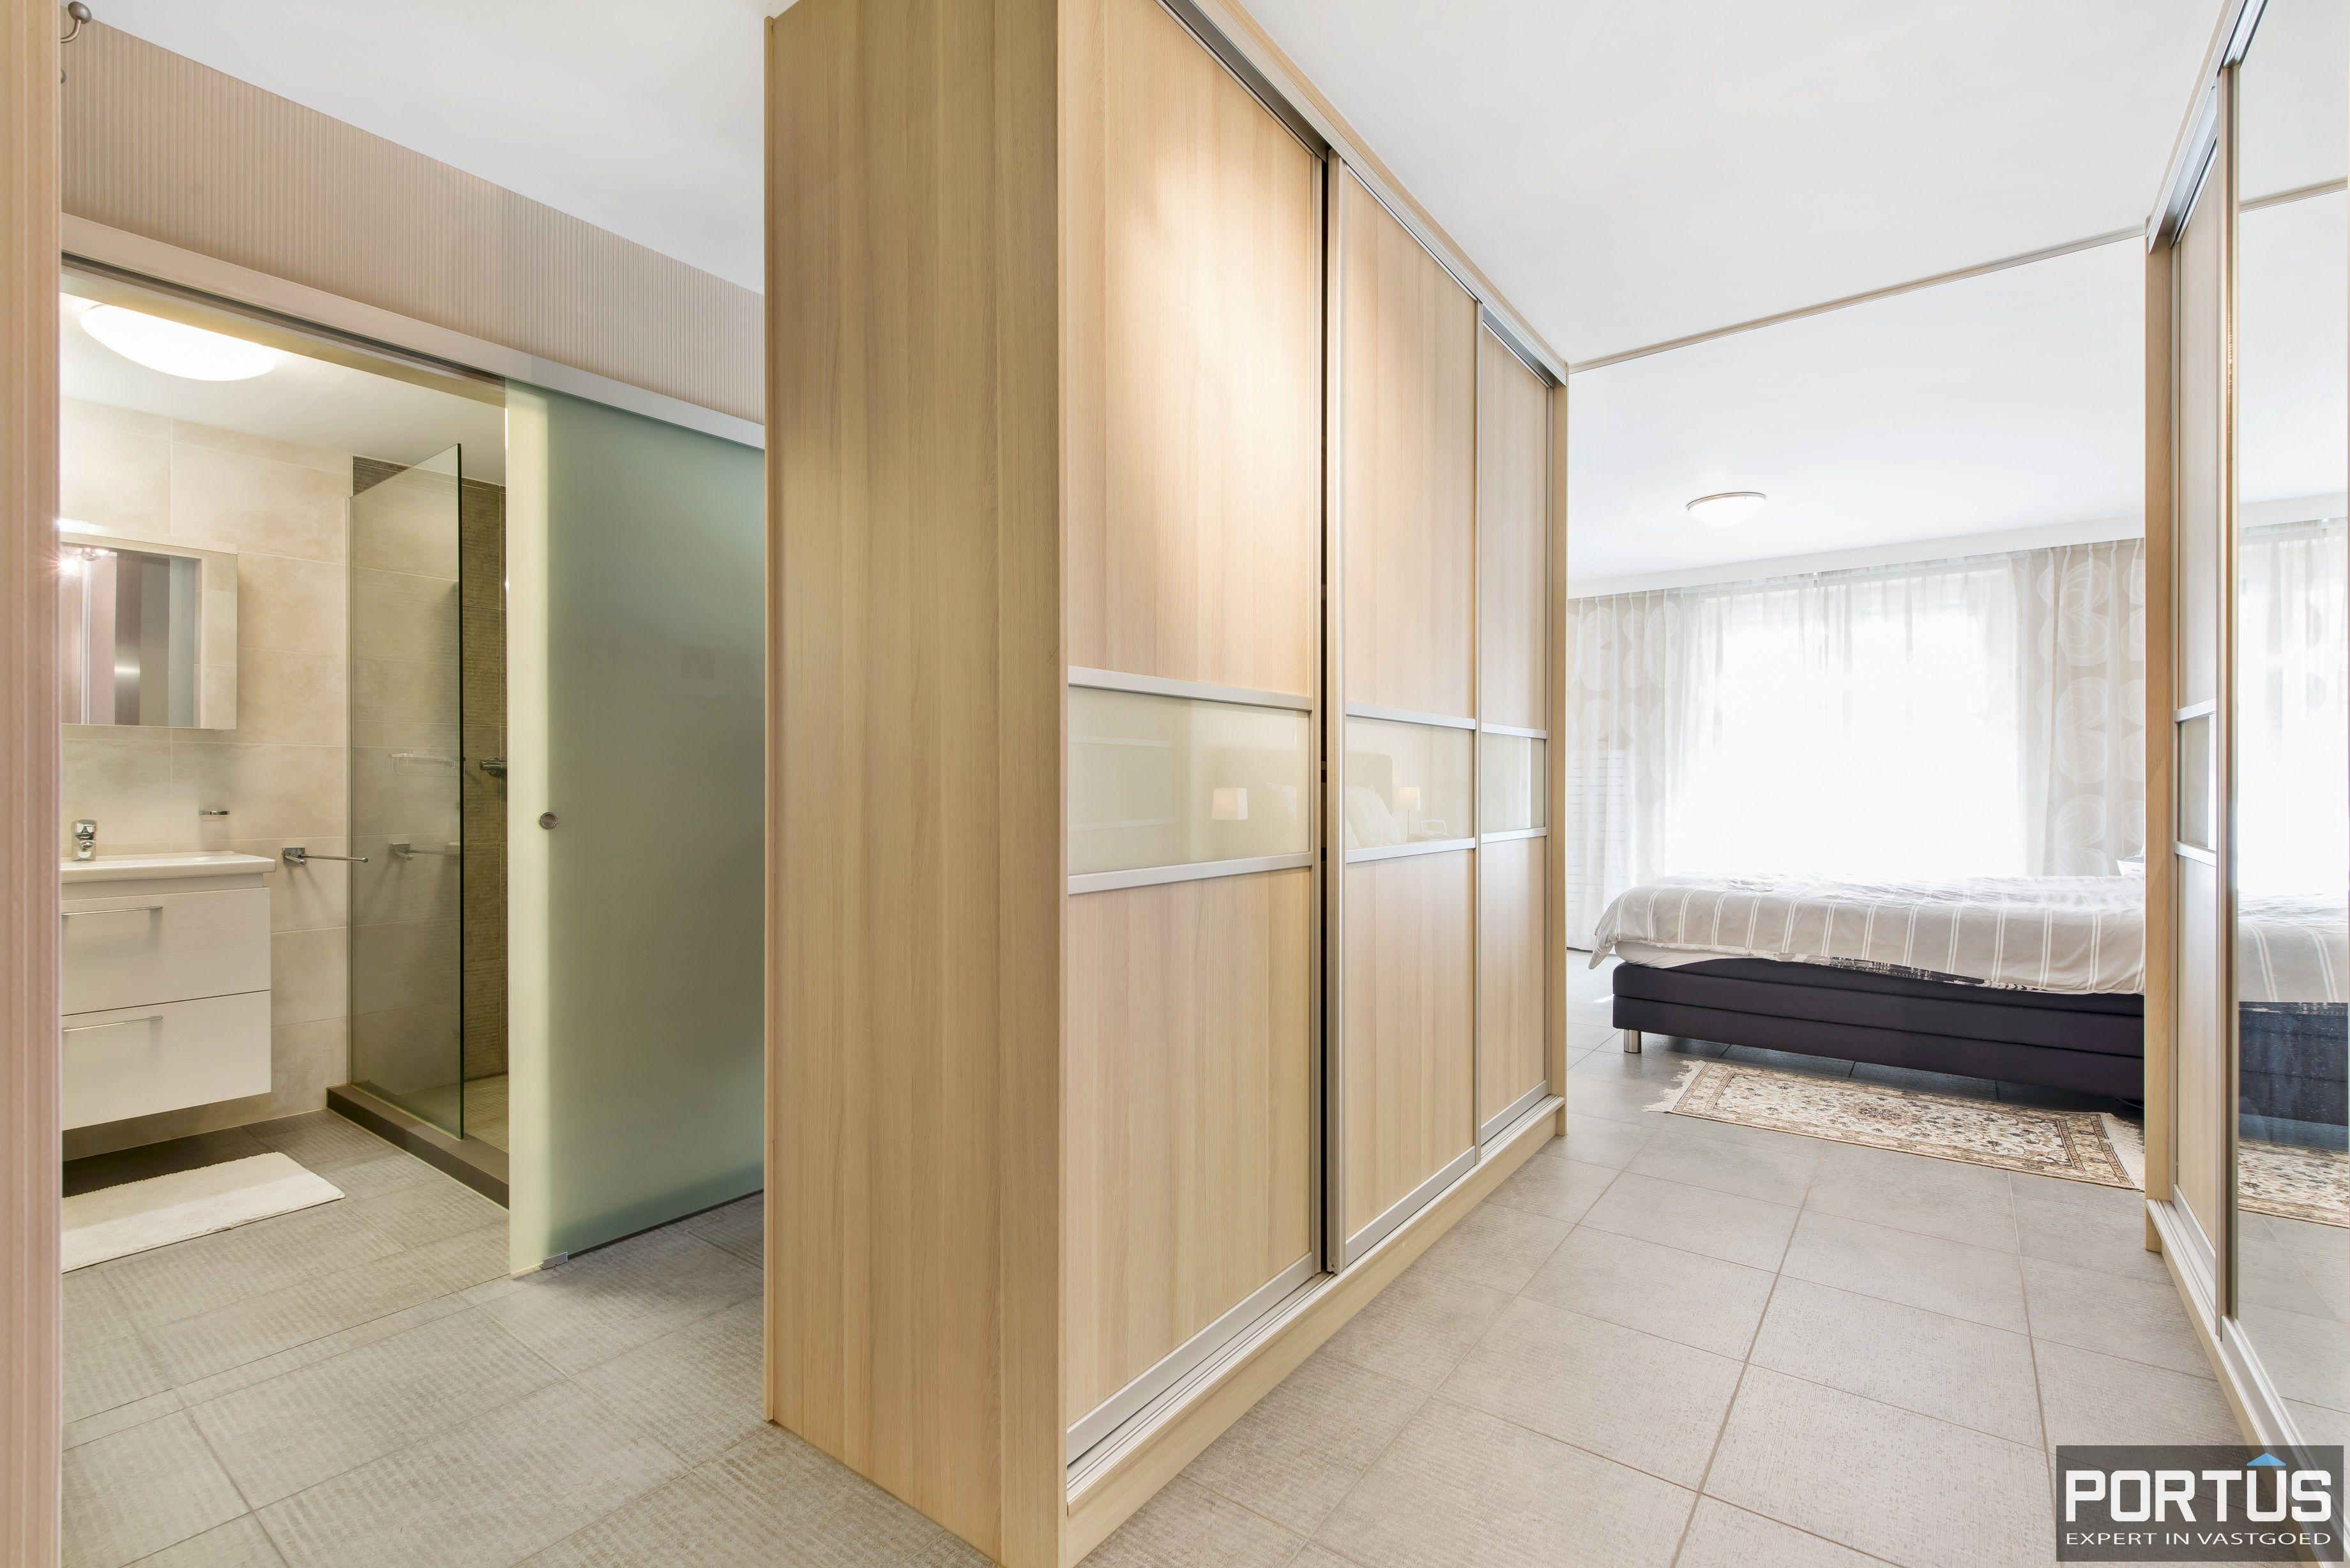 Instapklaar appartement te koop met 2 slaapkamers te Sint-Idesbald - 9412